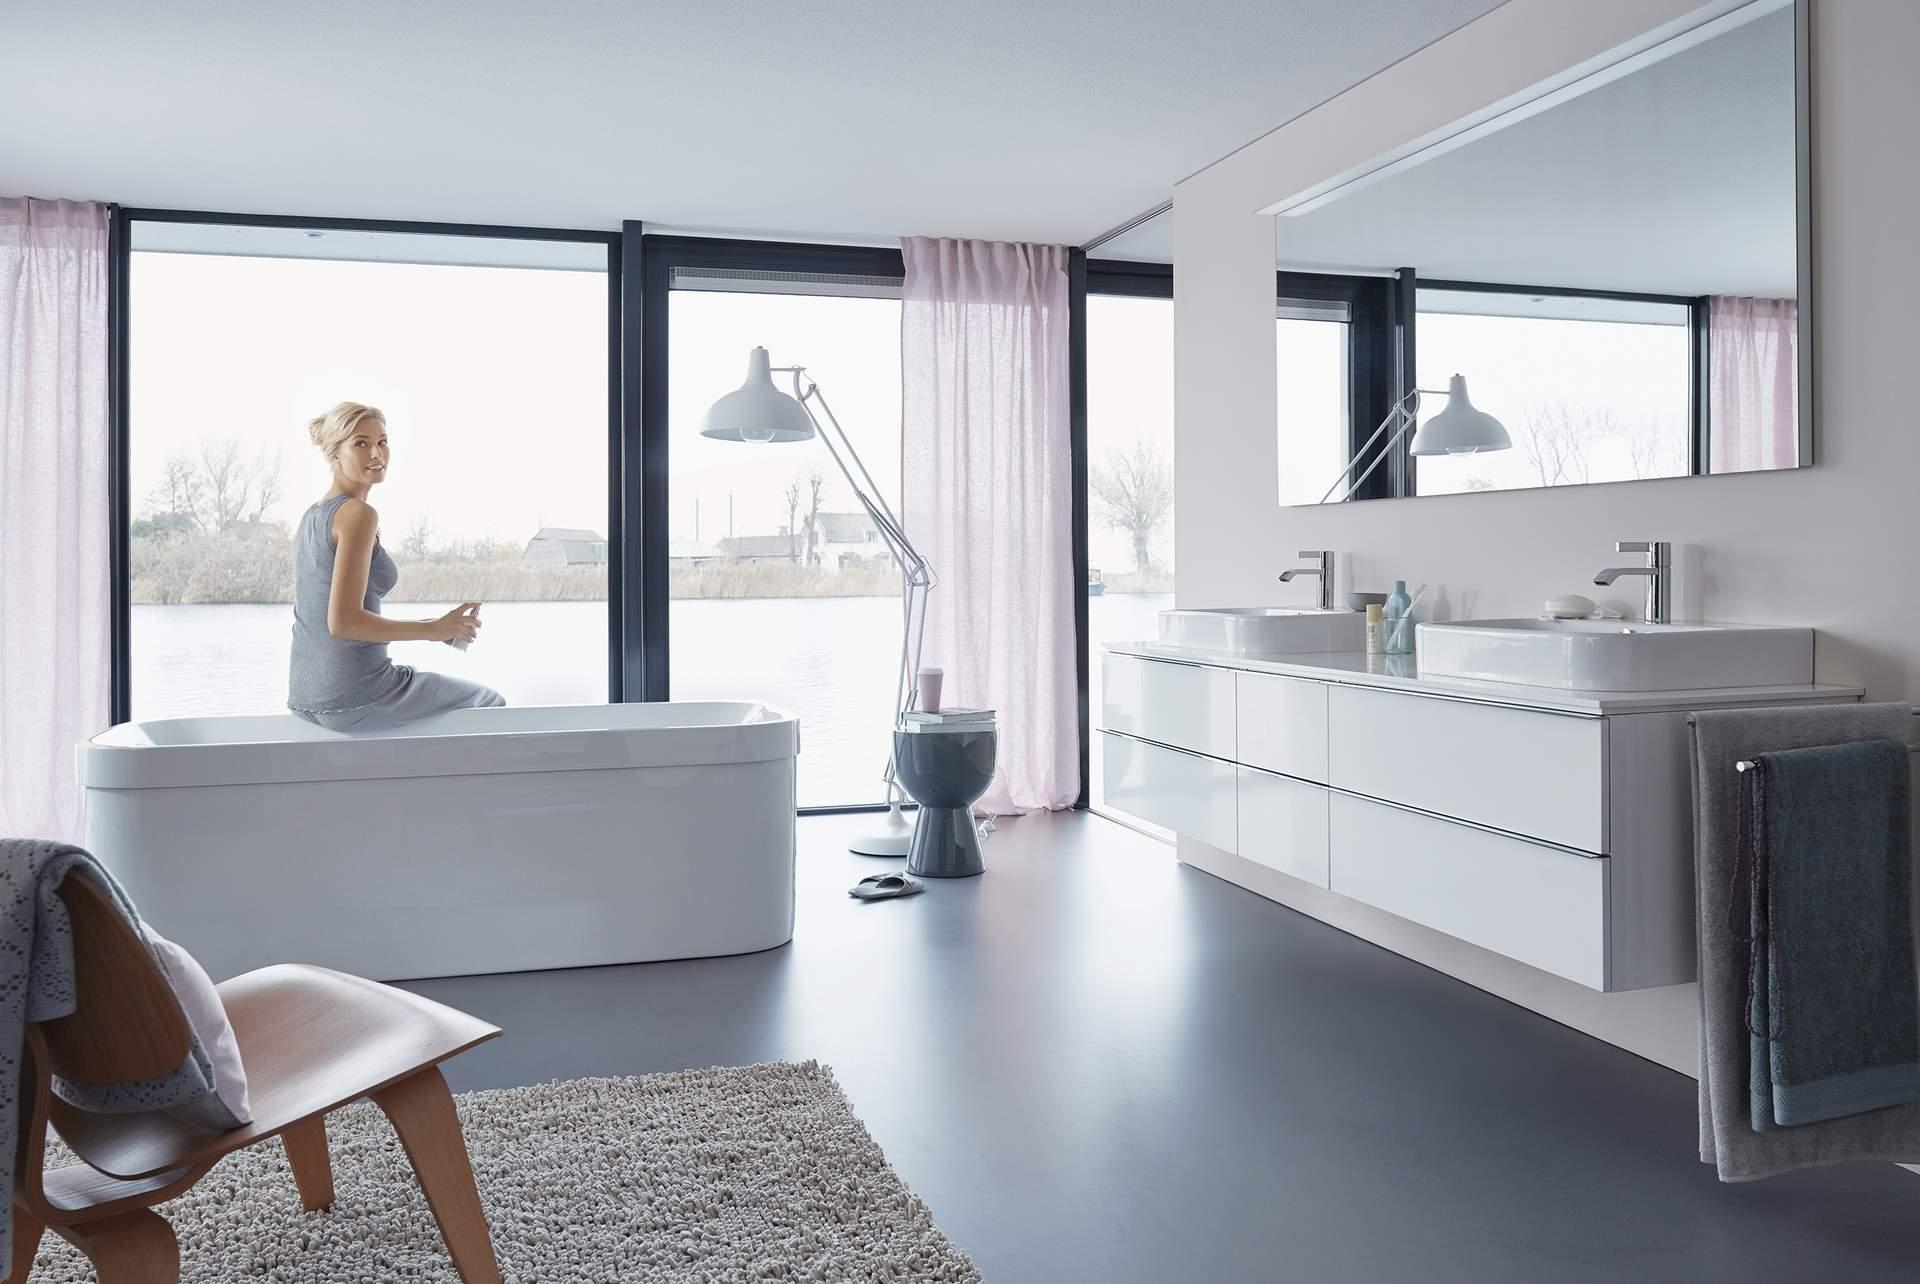 Badkamer Meubel Duravit : Duravit happy d meubels voor de badkamer duravit